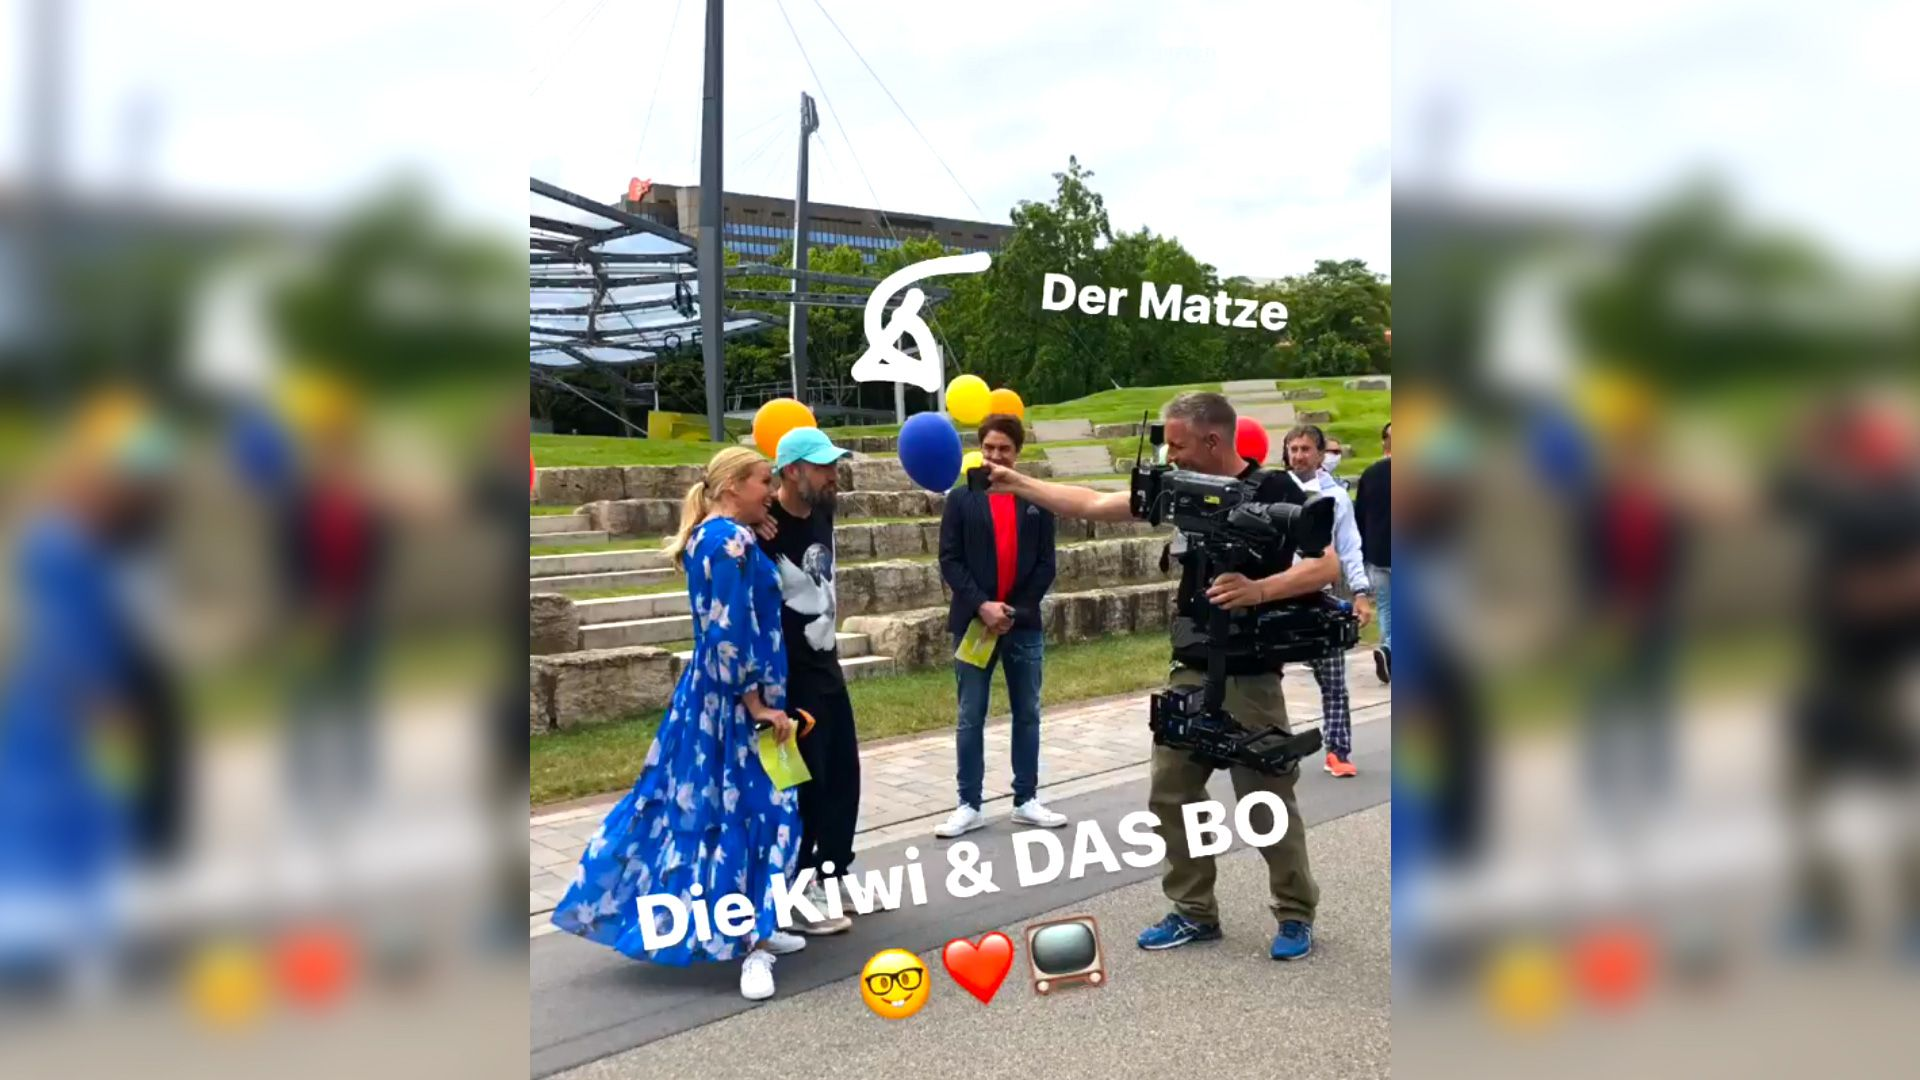 Kiwi und Das Bo